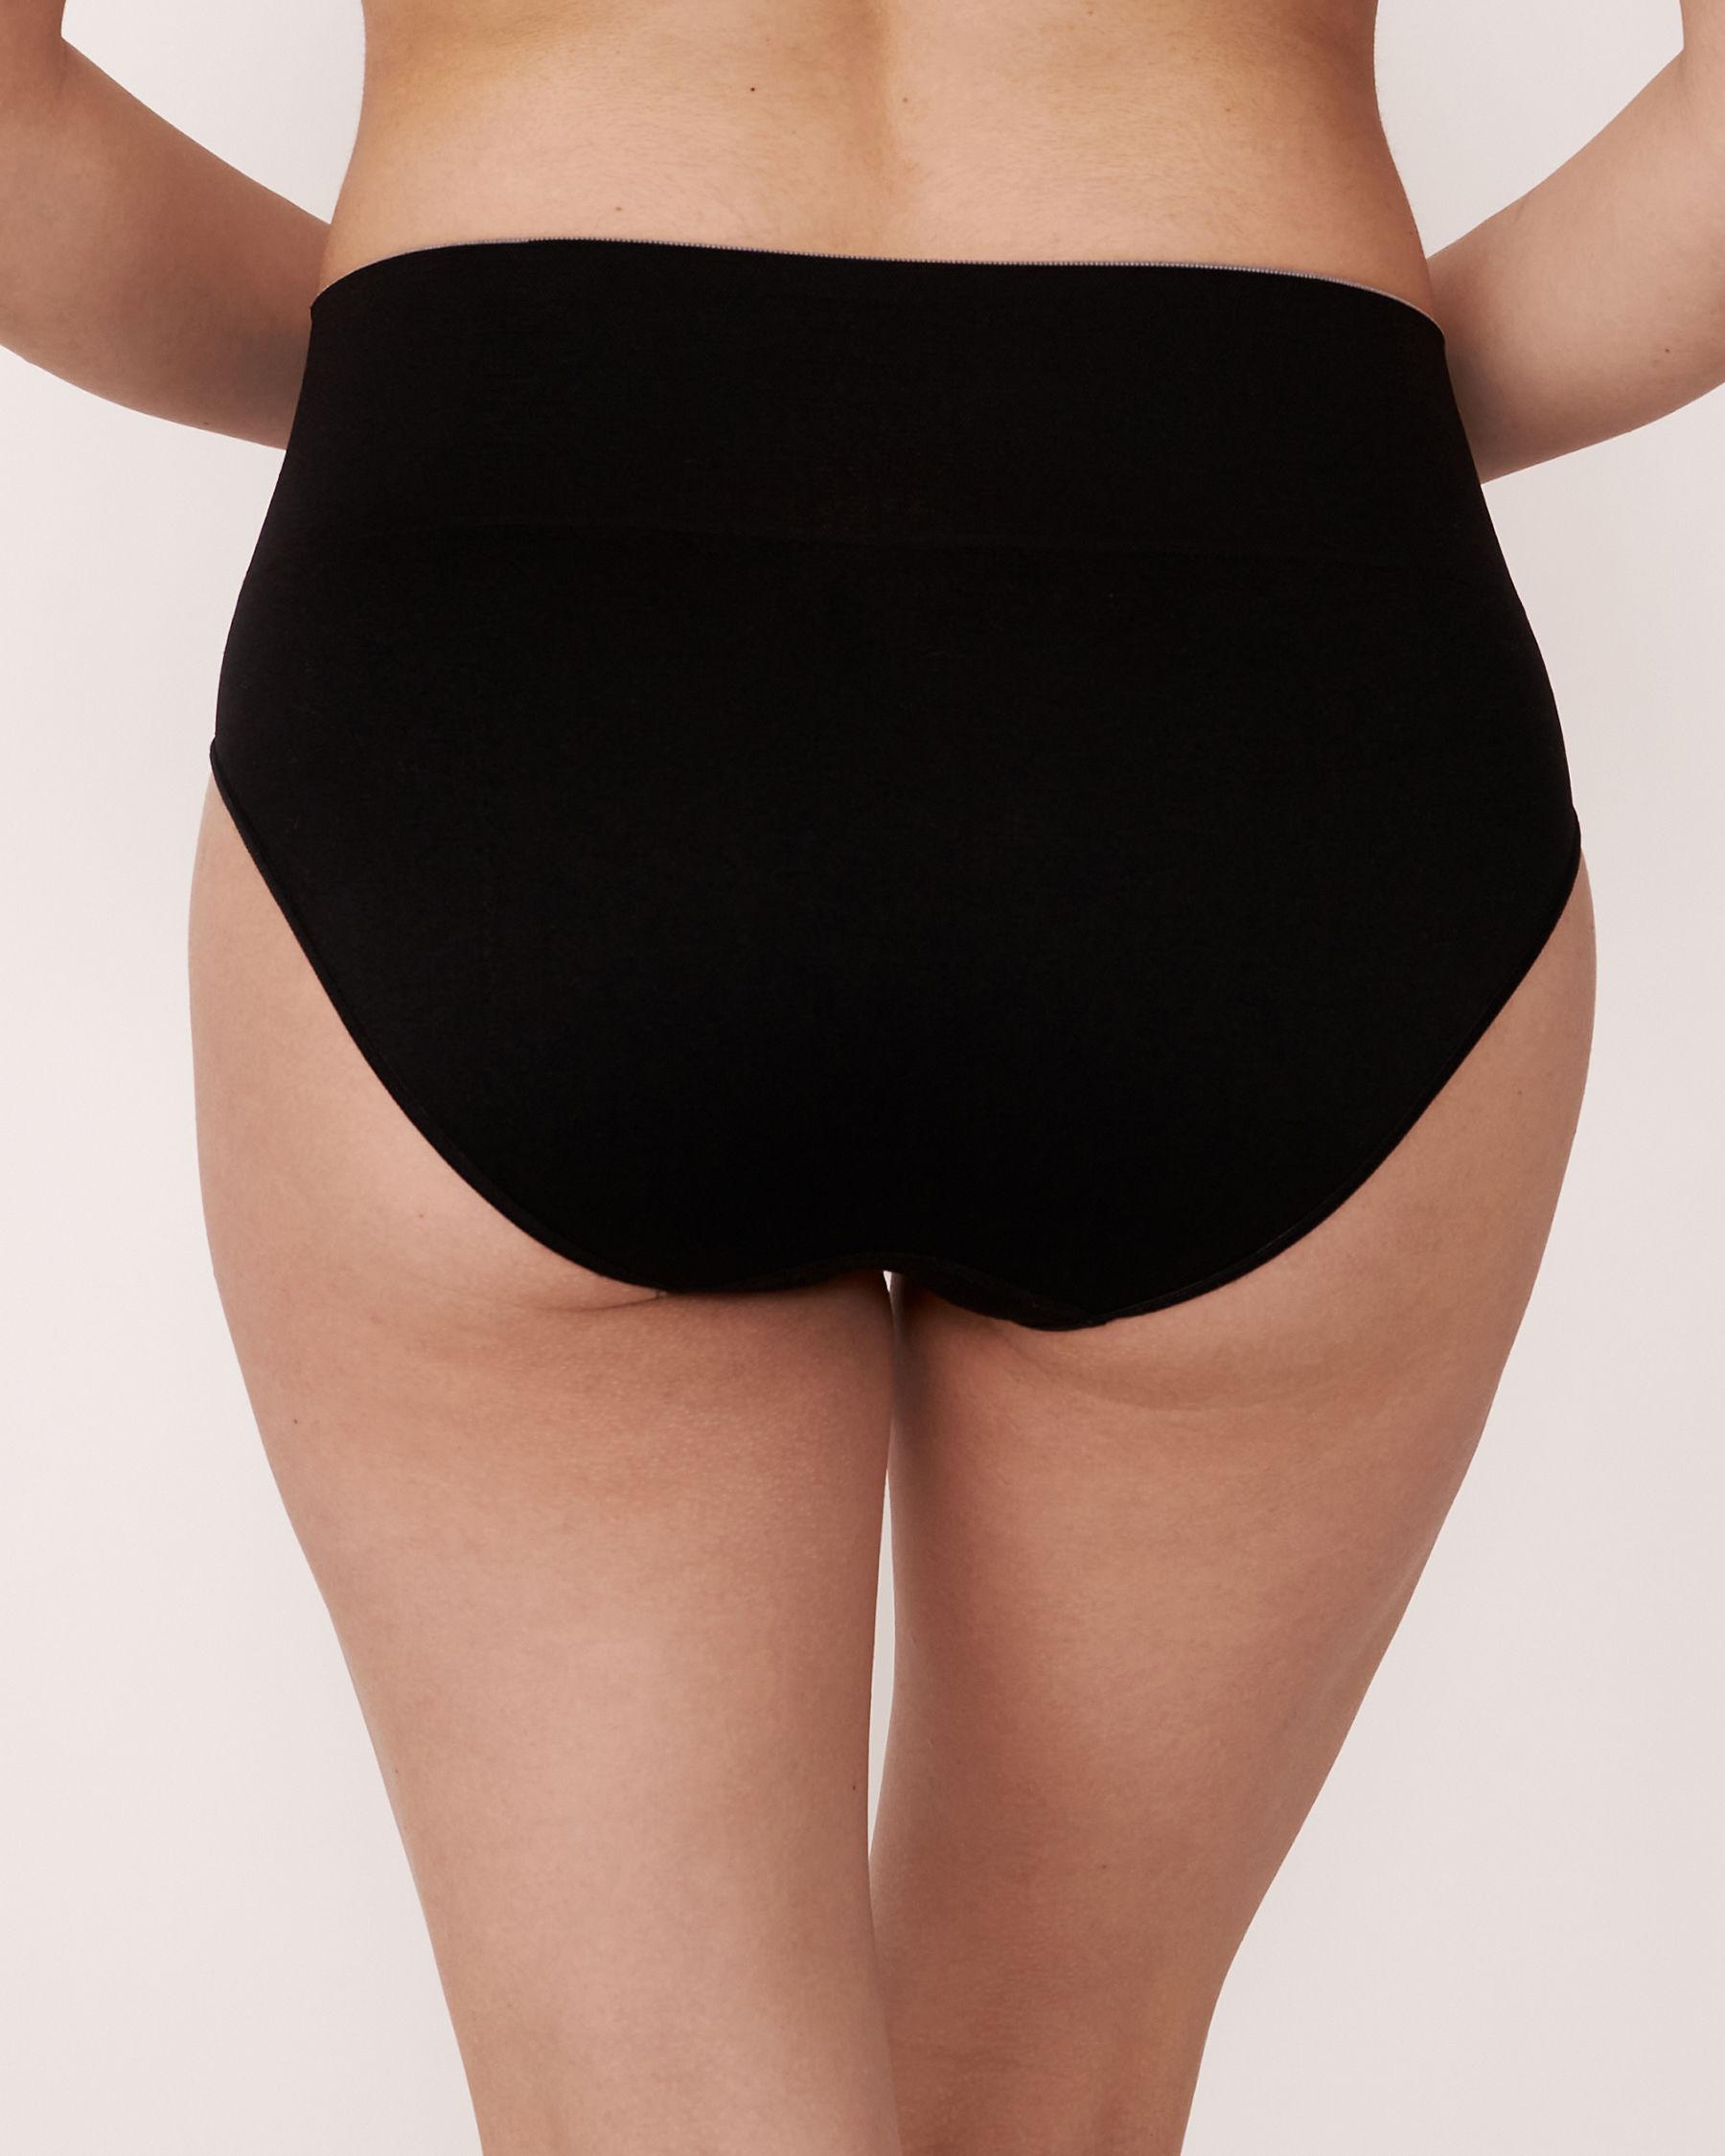 LA VIE EN ROSE Seamless High Waist Bikini Panty Black 889-222-1-00 - View2